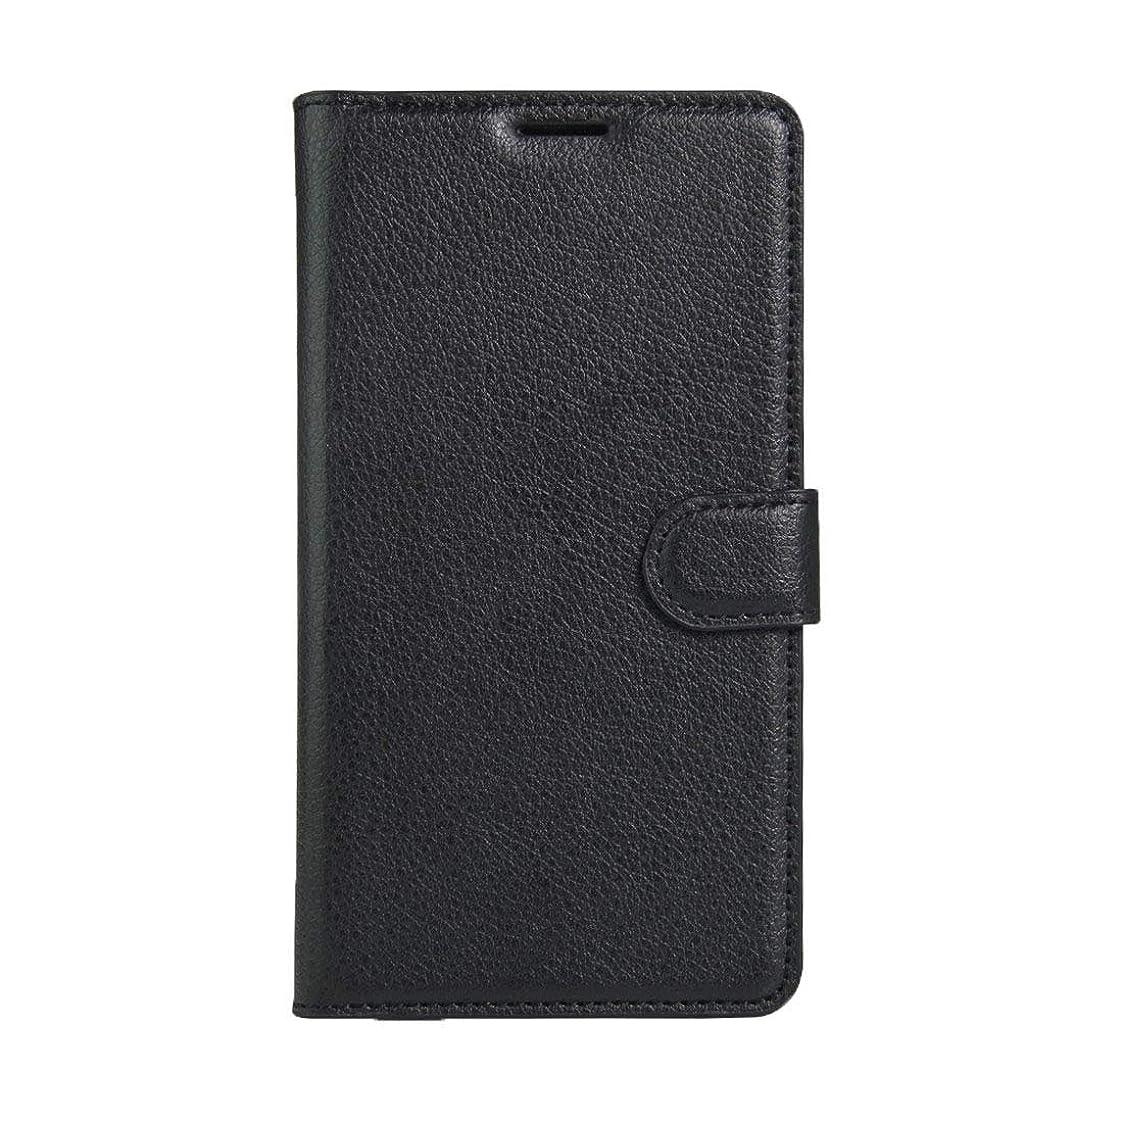 労働ユダヤ人除外するWTYD 電話アクセサリー Huawei nova Plus リッチーテクスチャ用ホルダー&カードスロット&ウォレット(ブラック)付き水平フリップレザーケース 電話使用 (Color : Black)